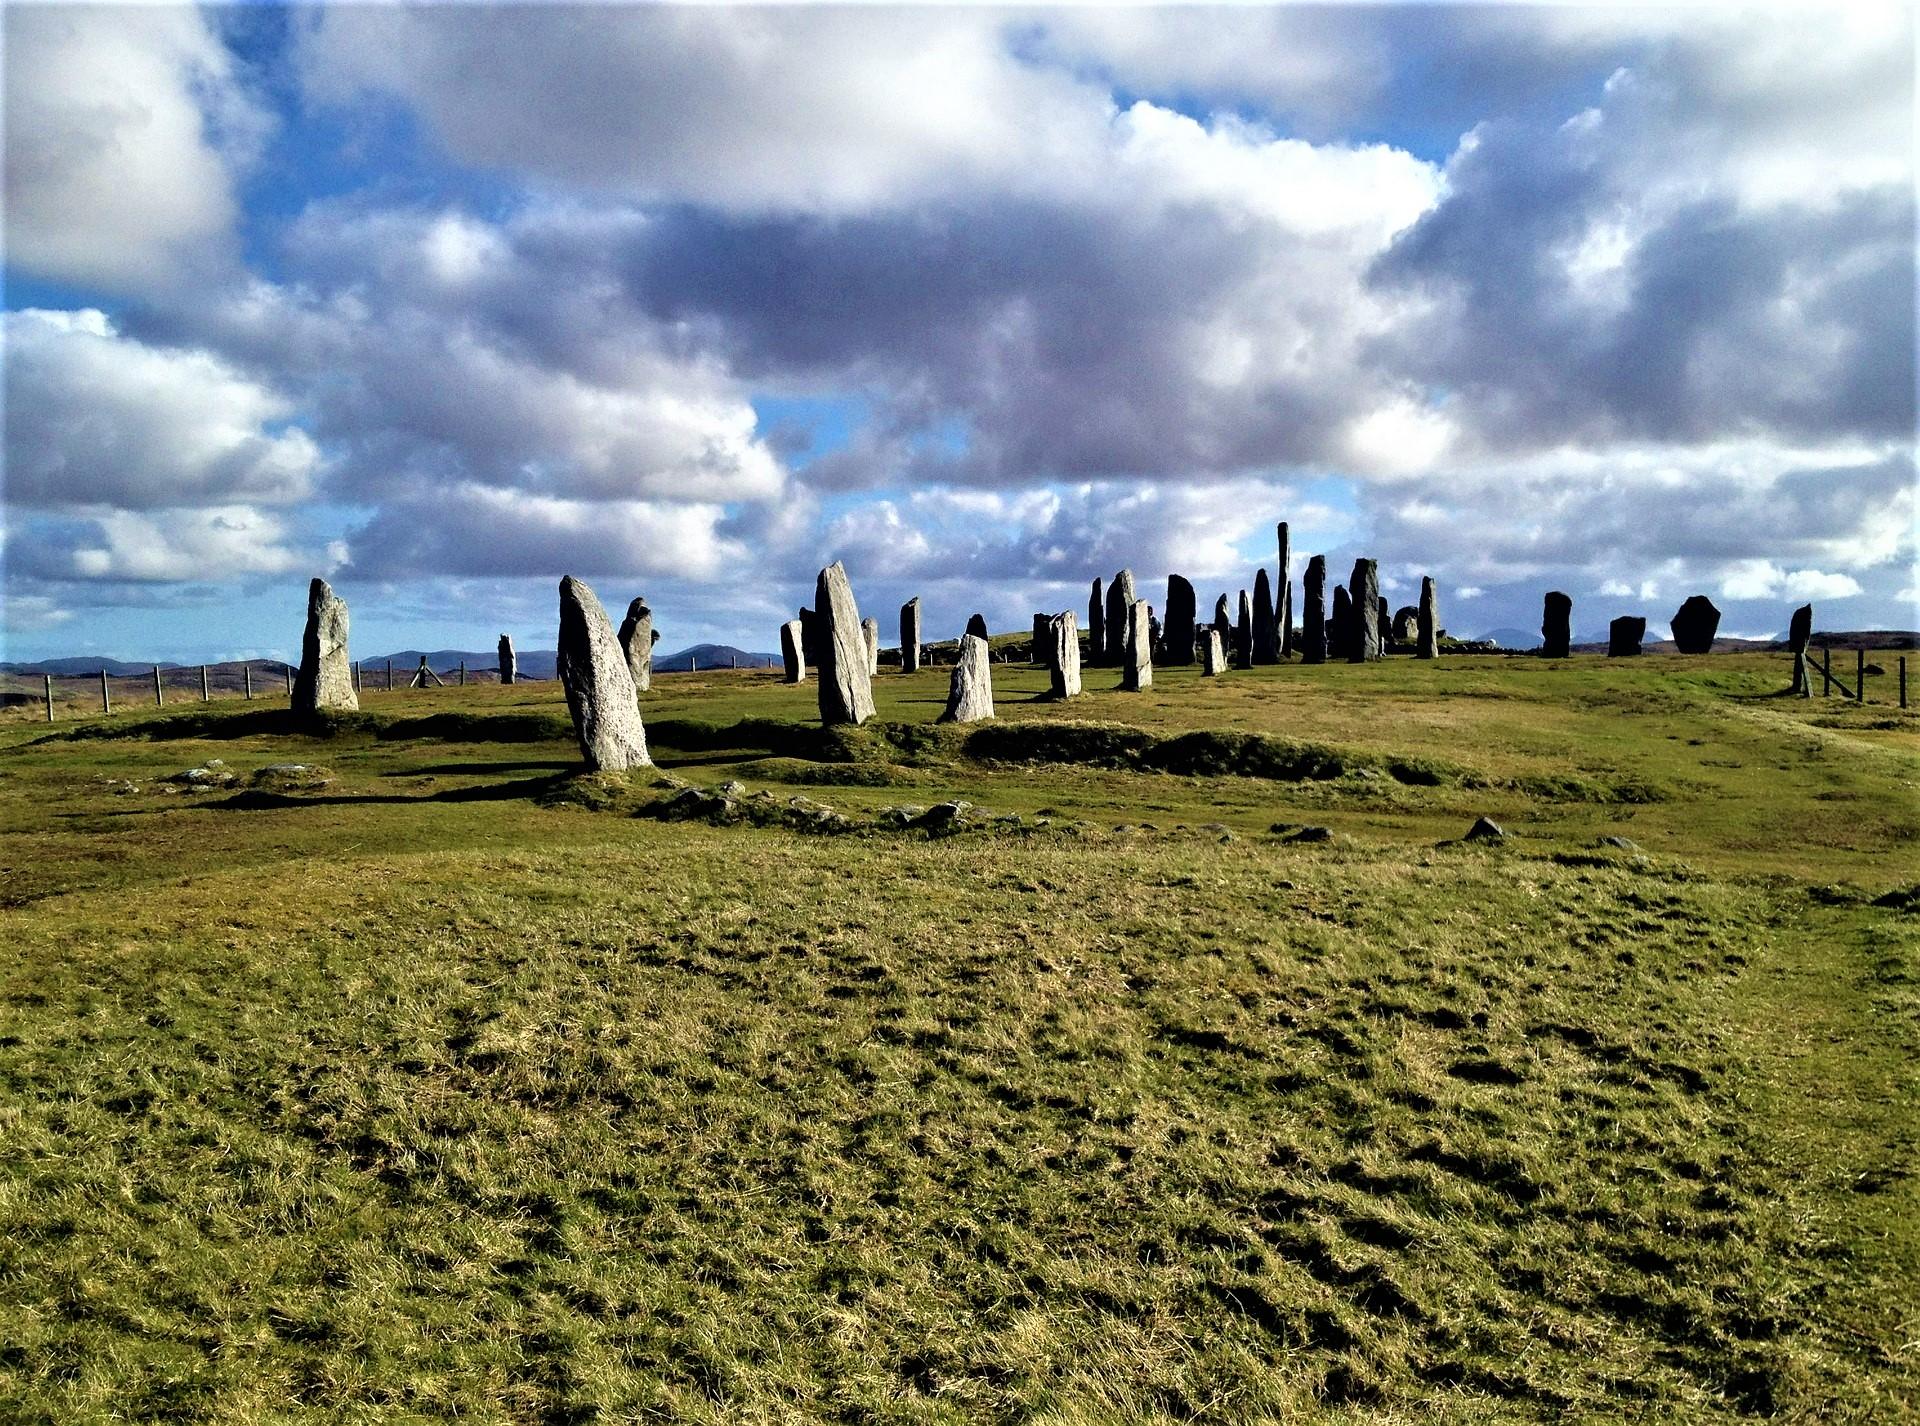 Callanish Stone Circle - - by Amritagrace on Pixabay